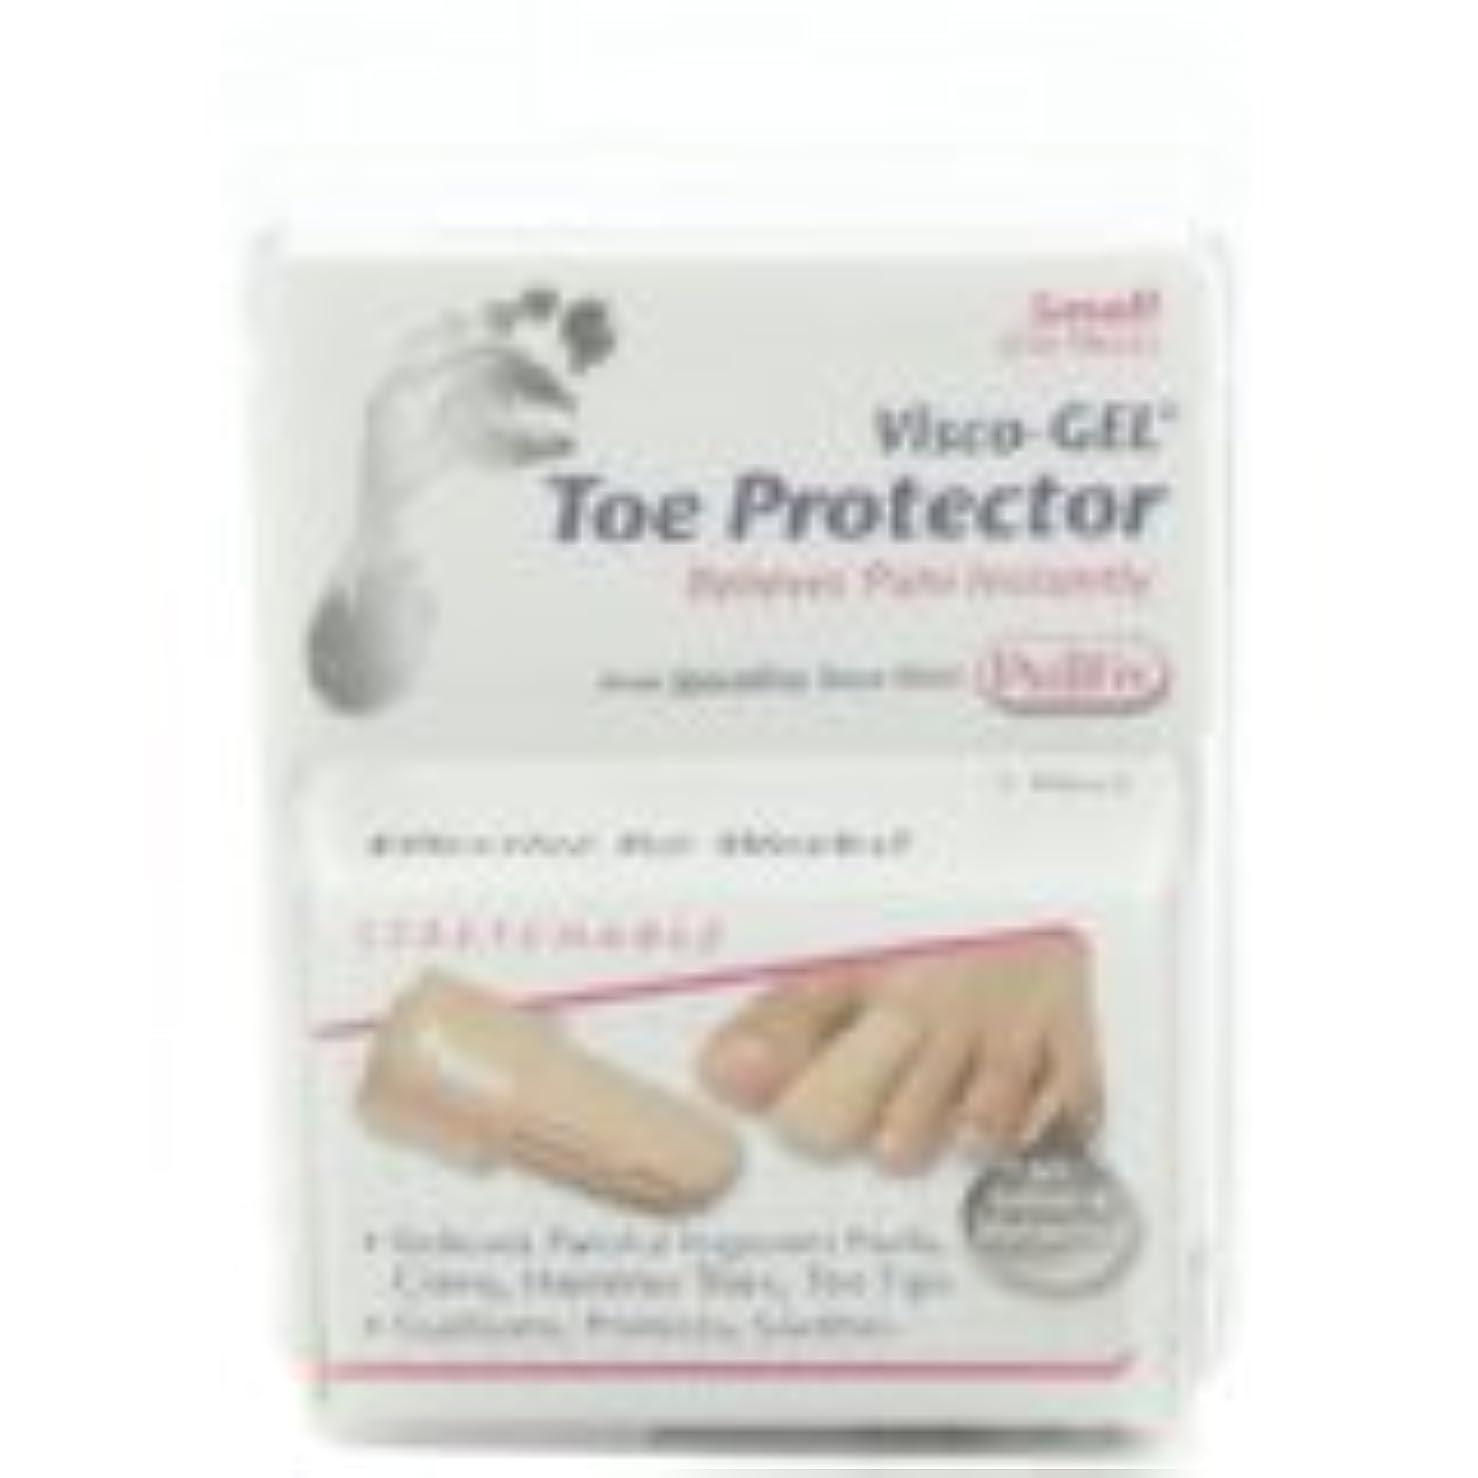 予測するブラシシーボード足指保護キャップ 伸縮性リブ織り生地製(P82-XL)